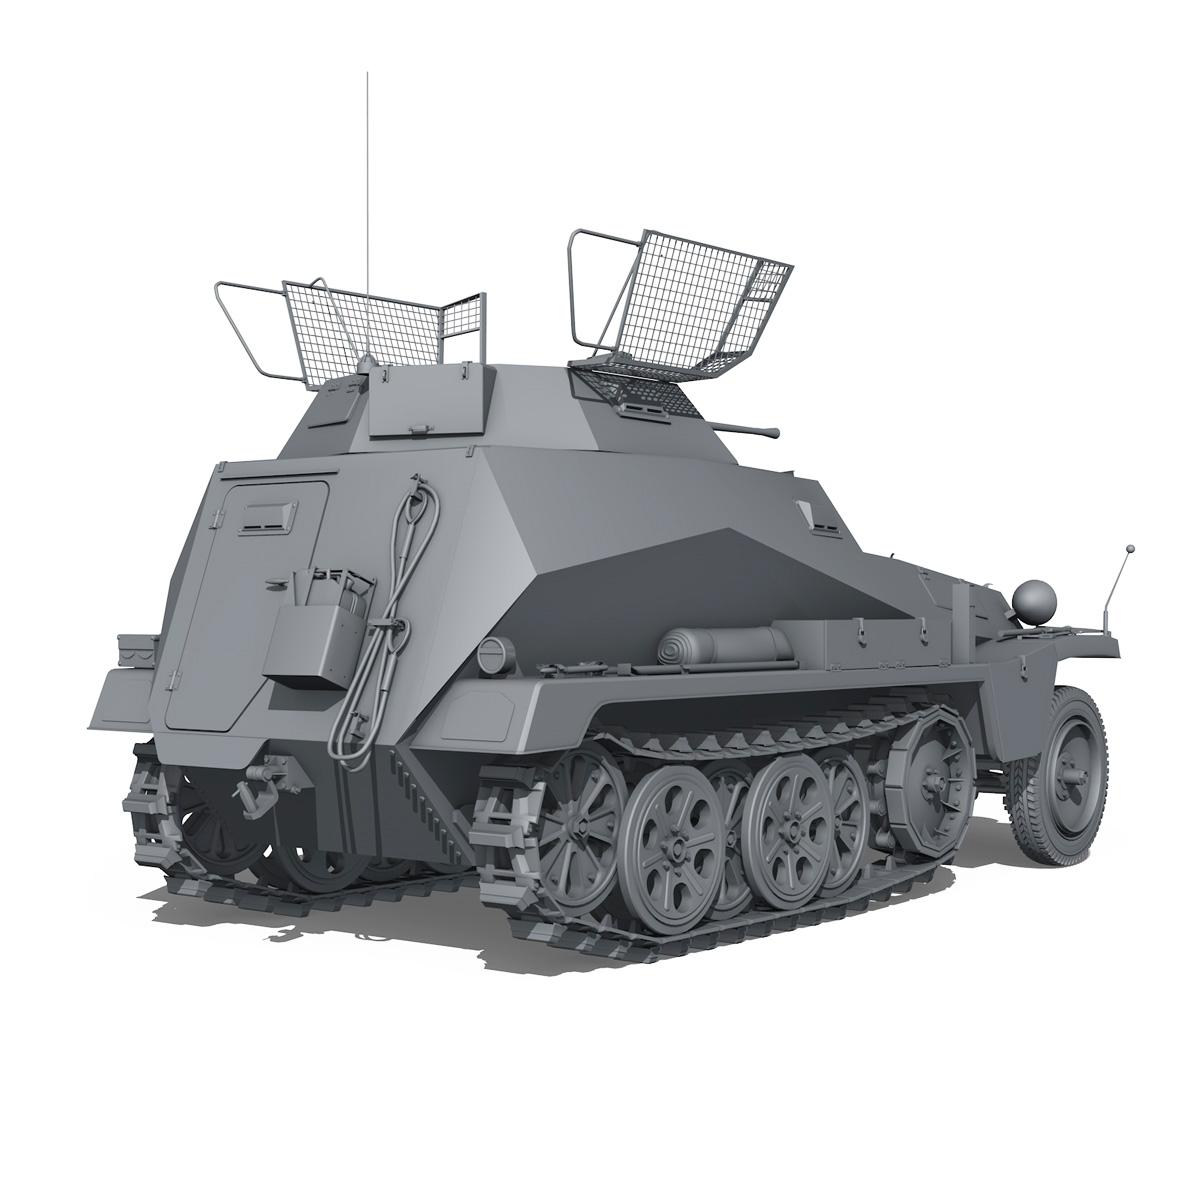 sd.kfz 250/9 – half-track reconnaissance vehicle 3d model 3ds fbx c4d lwo obj 202272